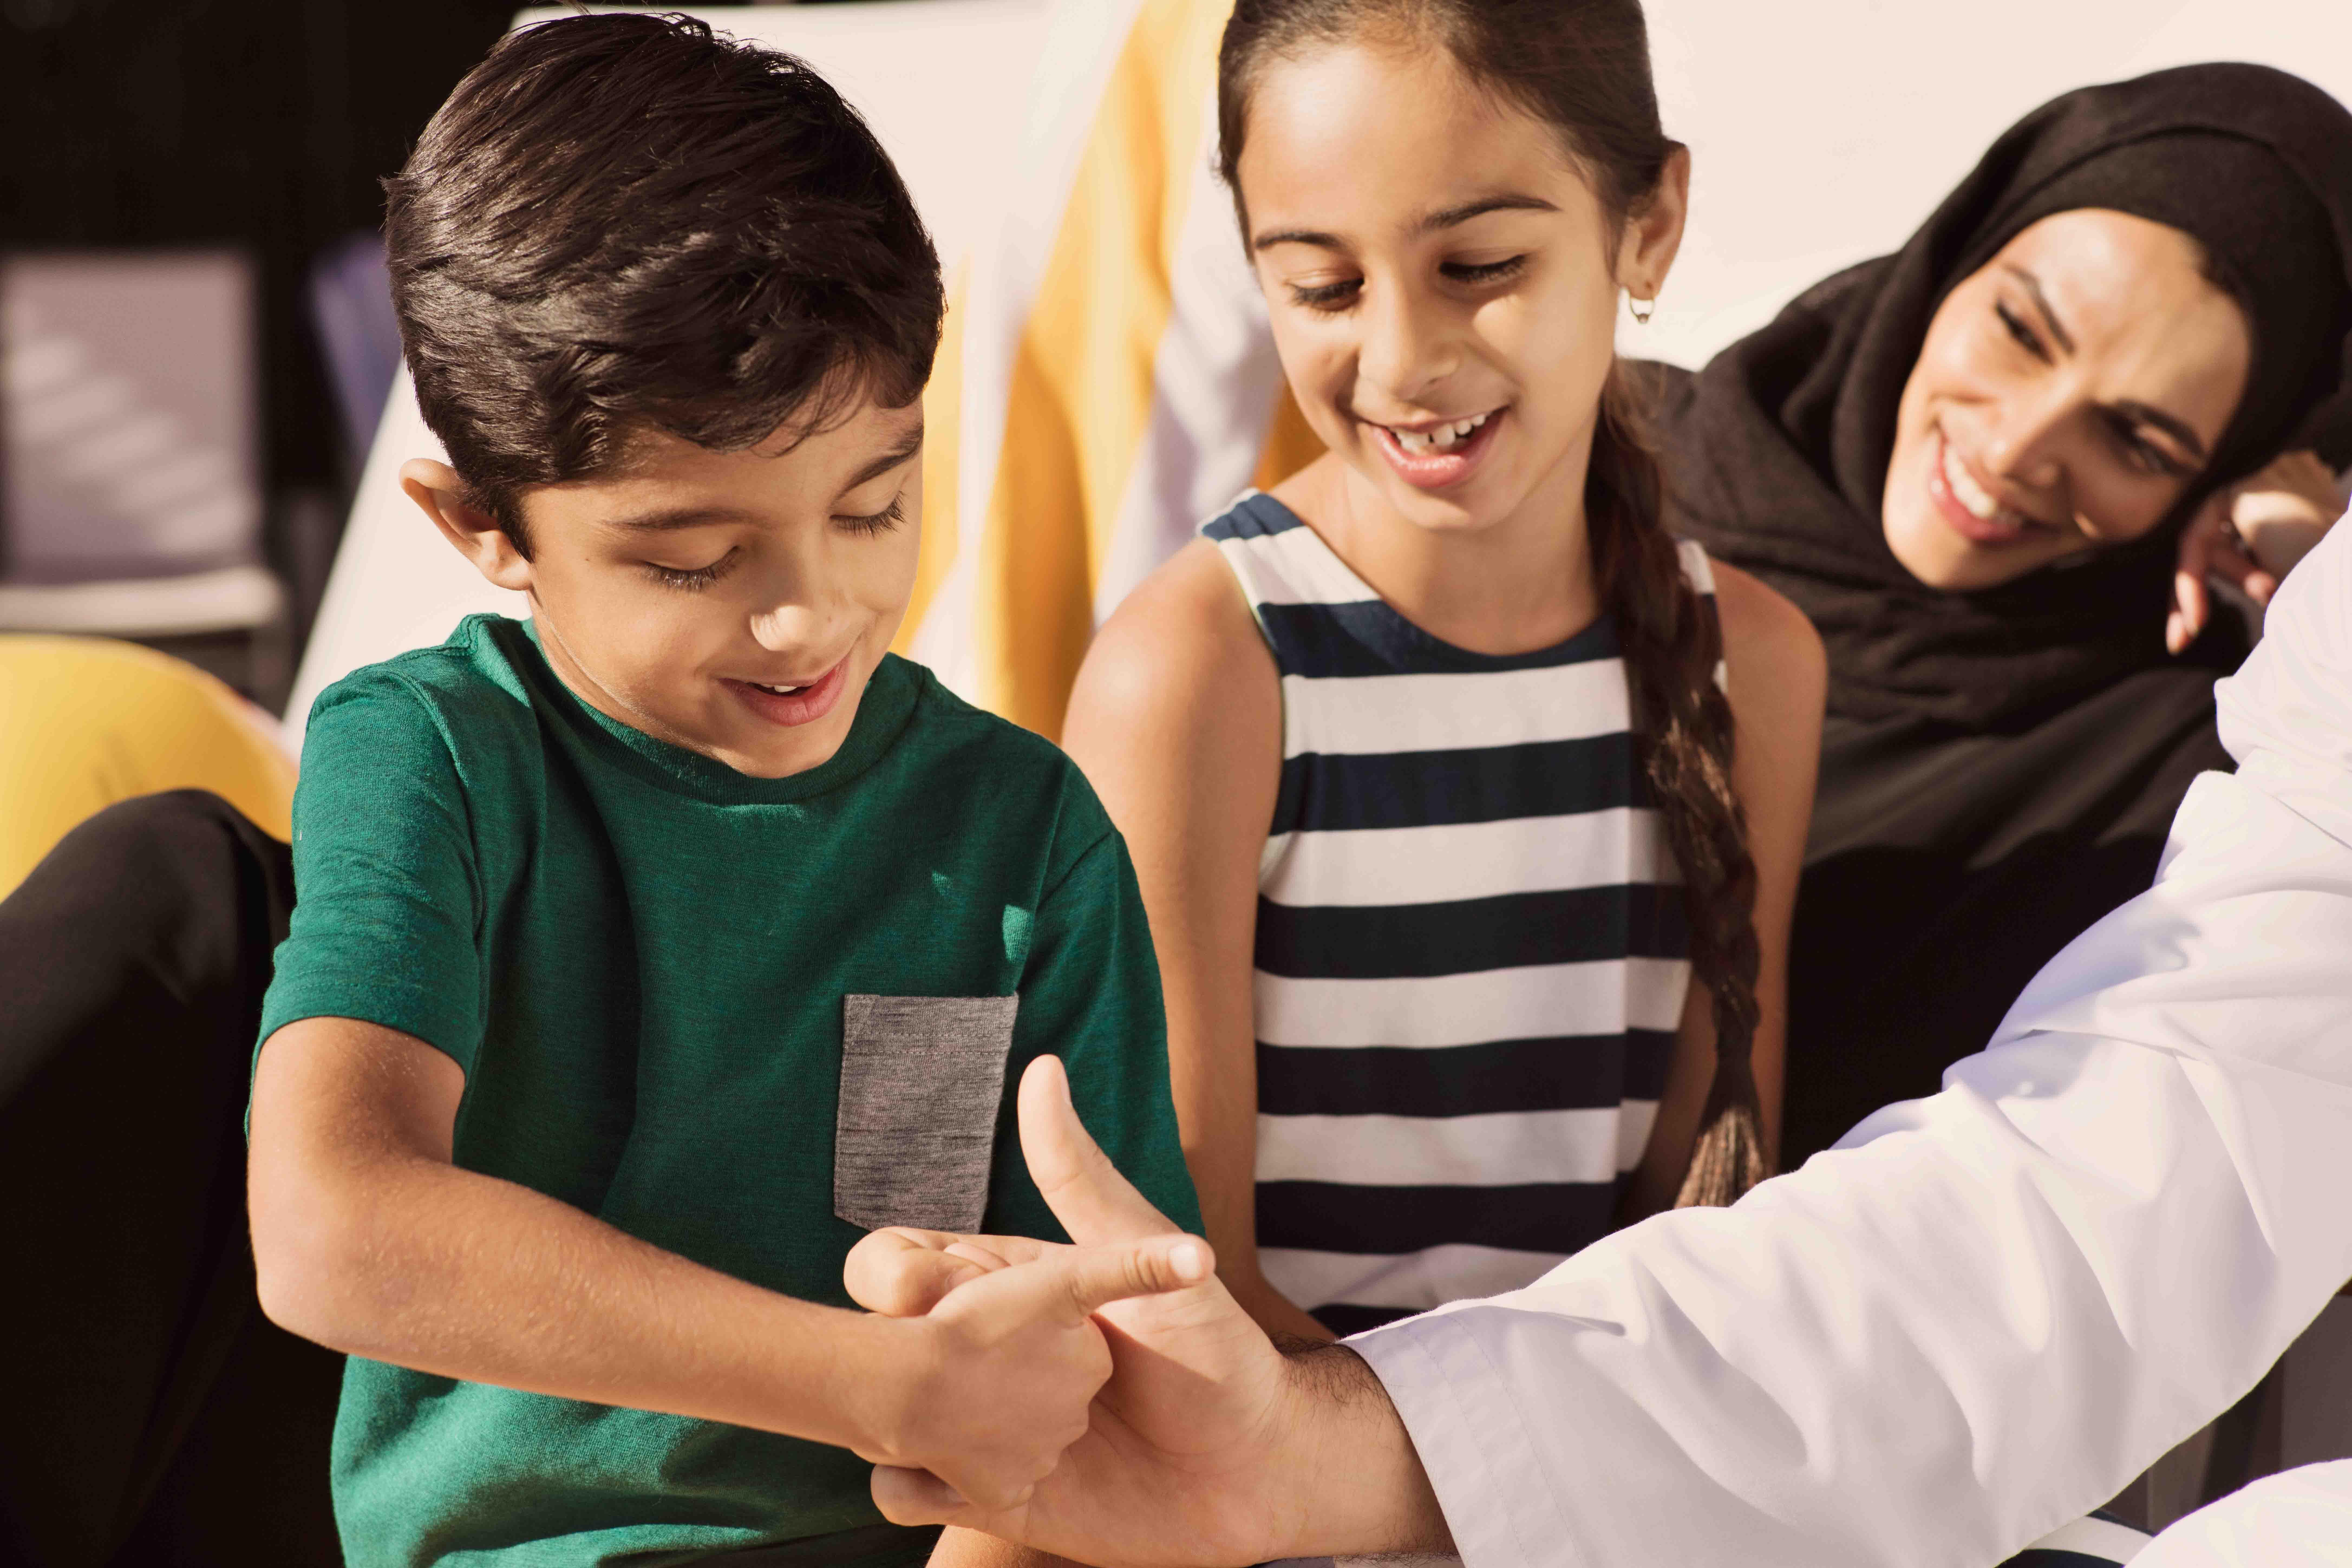 شيراتون مول الإمارات يحتفل بعيد الأضحى 2017